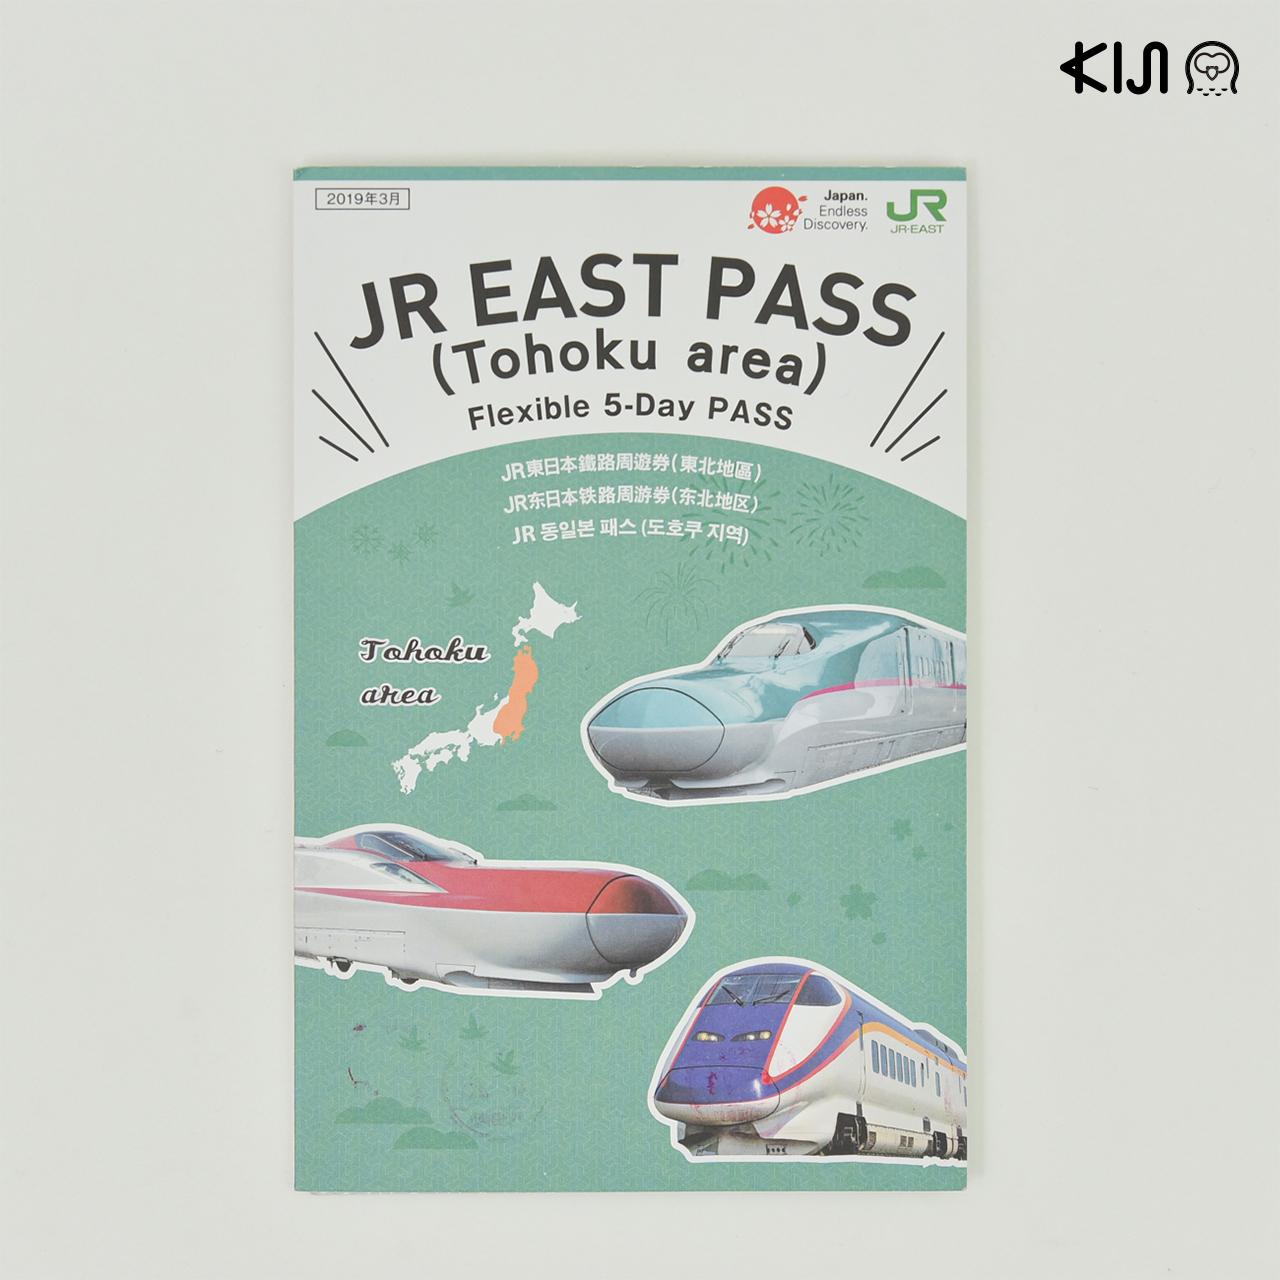 ขึ้น FruiTea Fukushima กับ JR East Pass